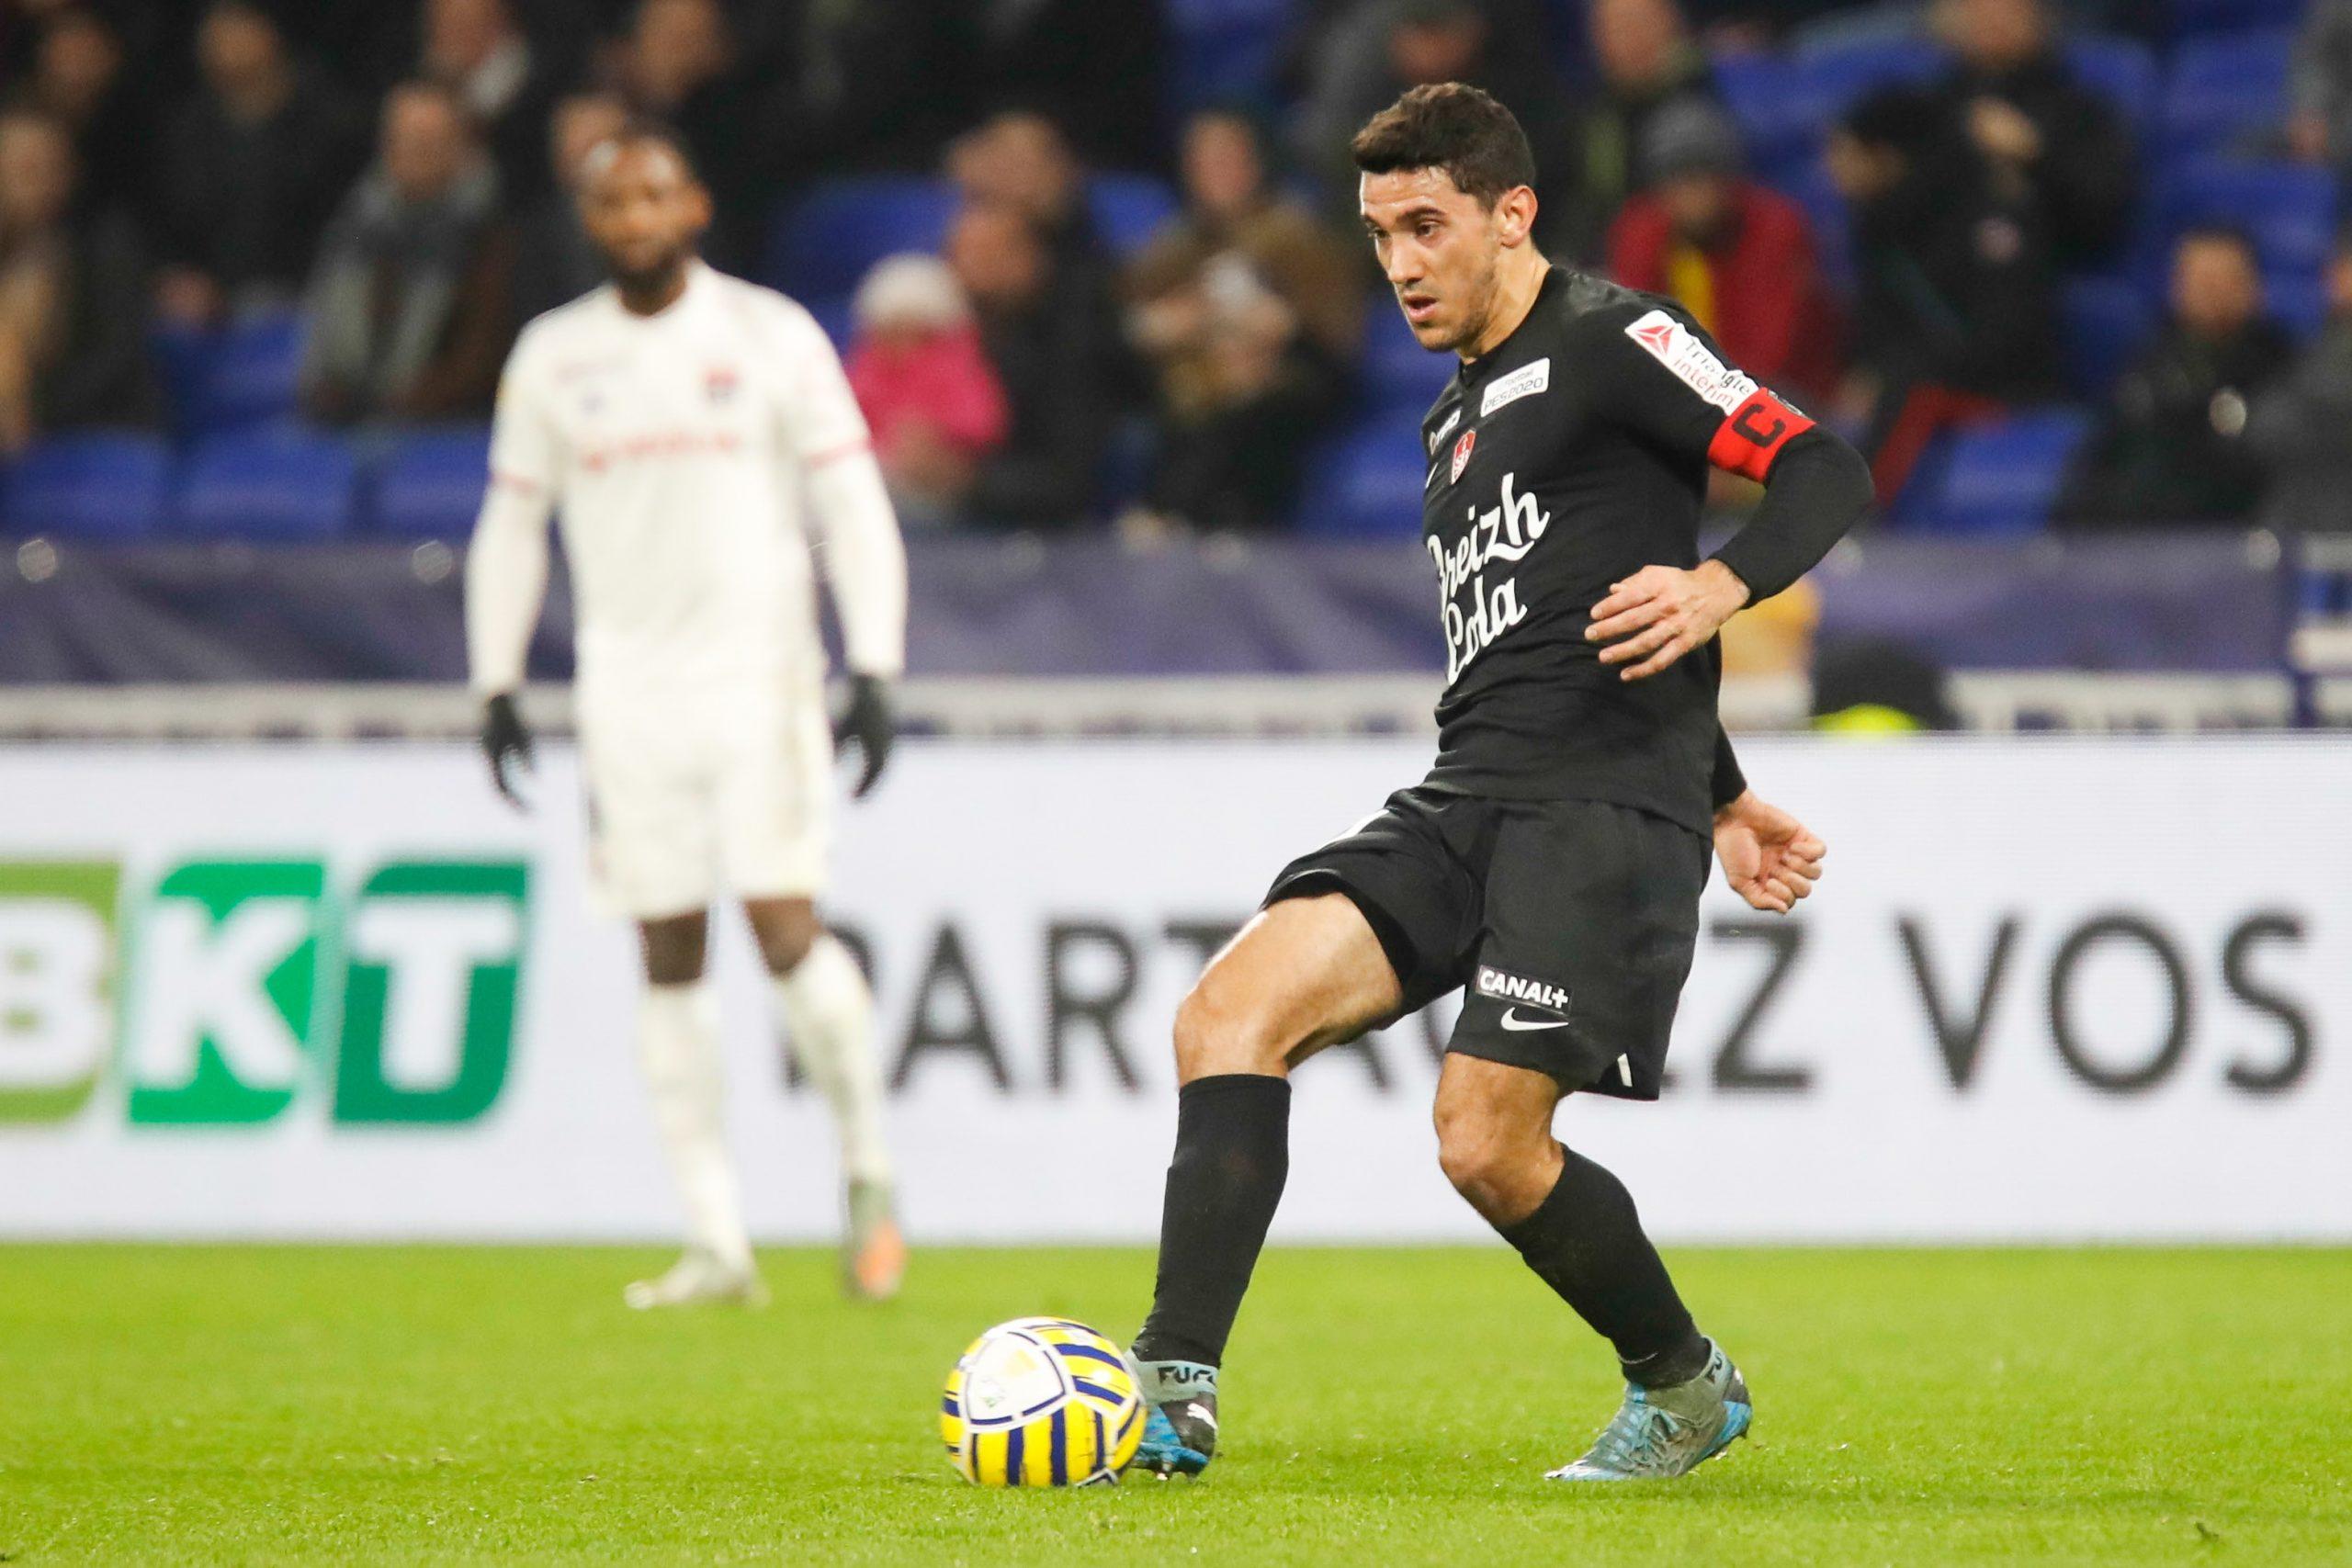 """Ligue 1 - Belaud, capitaine de Brest, est clair """"On préfère rester trois mois chez nous et ne prendre aucun risque"""""""